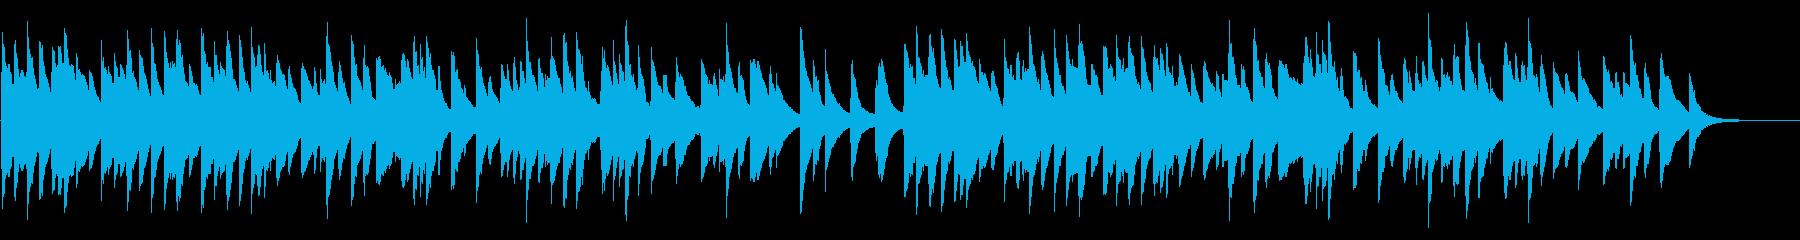 もみじ 72弁オルゴールの再生済みの波形